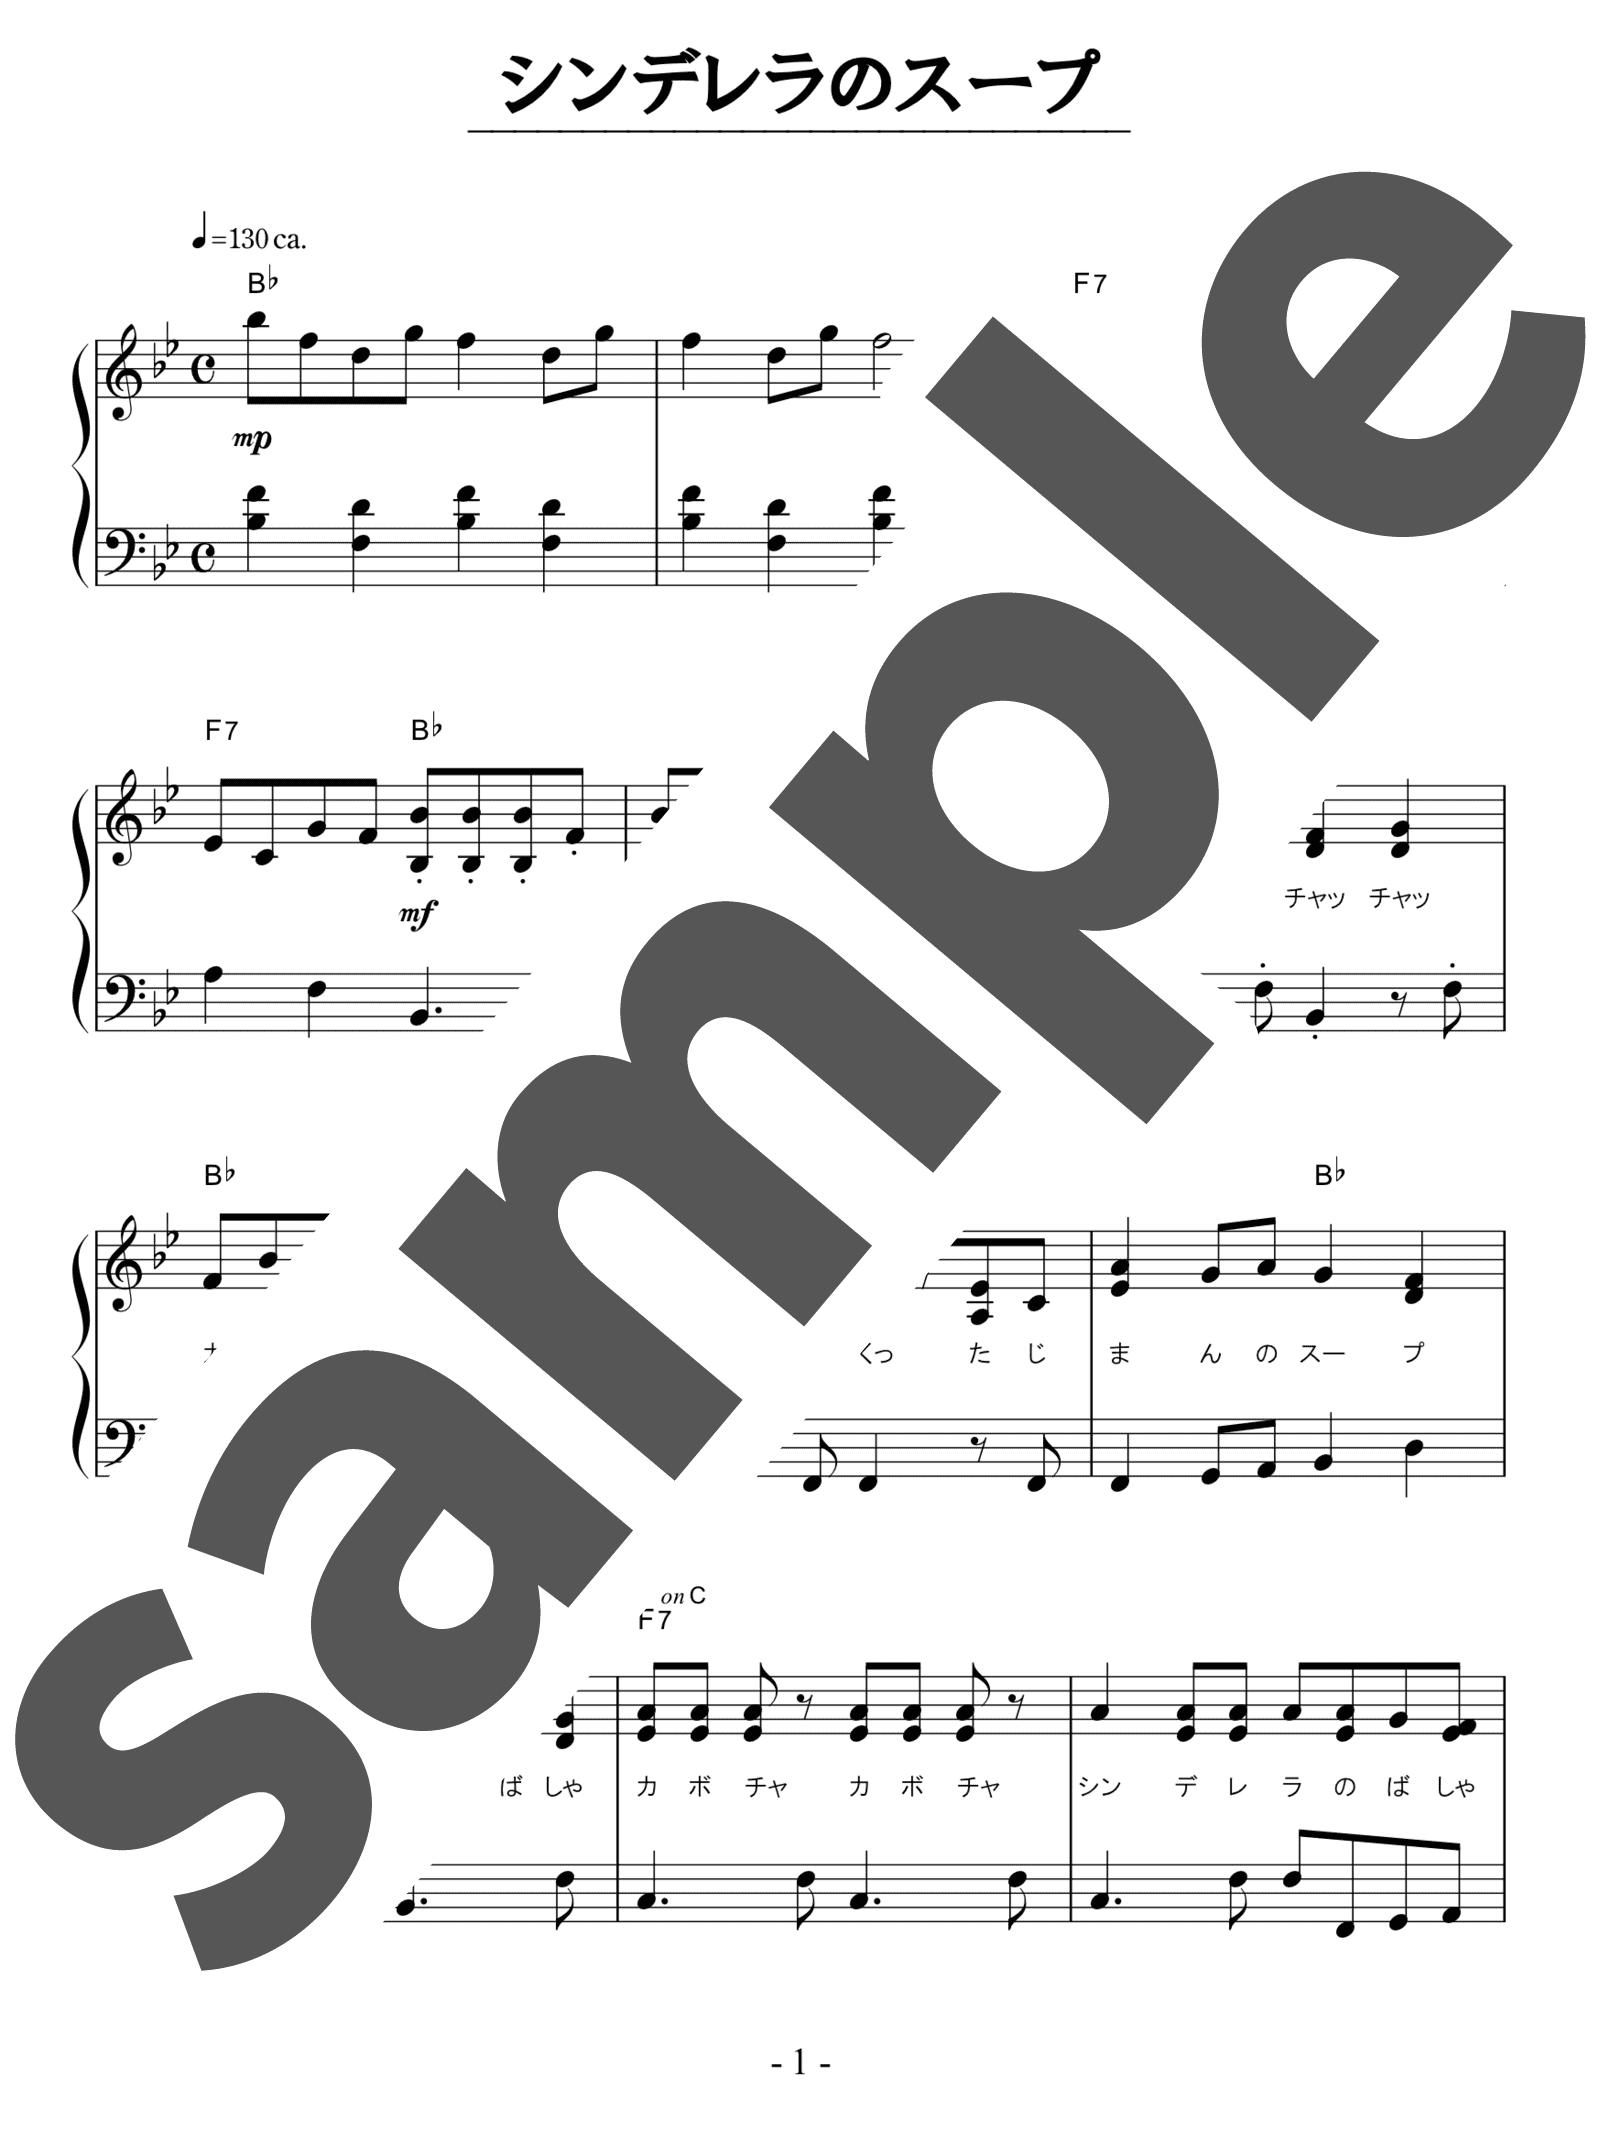 「シンデレラのスープ」のサンプル楽譜